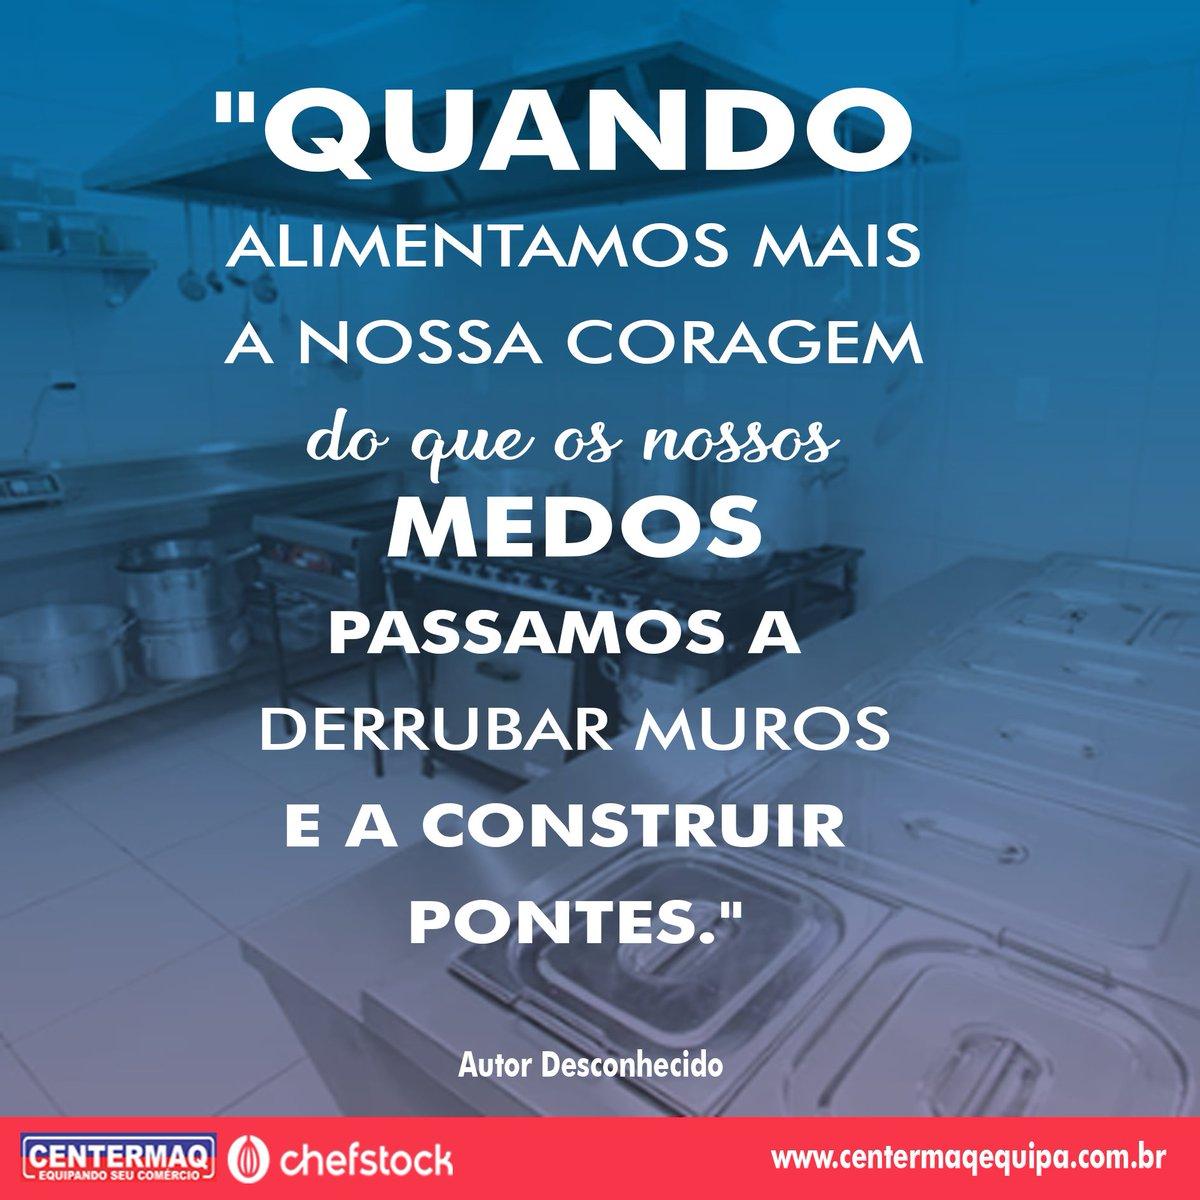 Chefstock Centermaq على تويتر Bom Dia Bomdia Bomdia